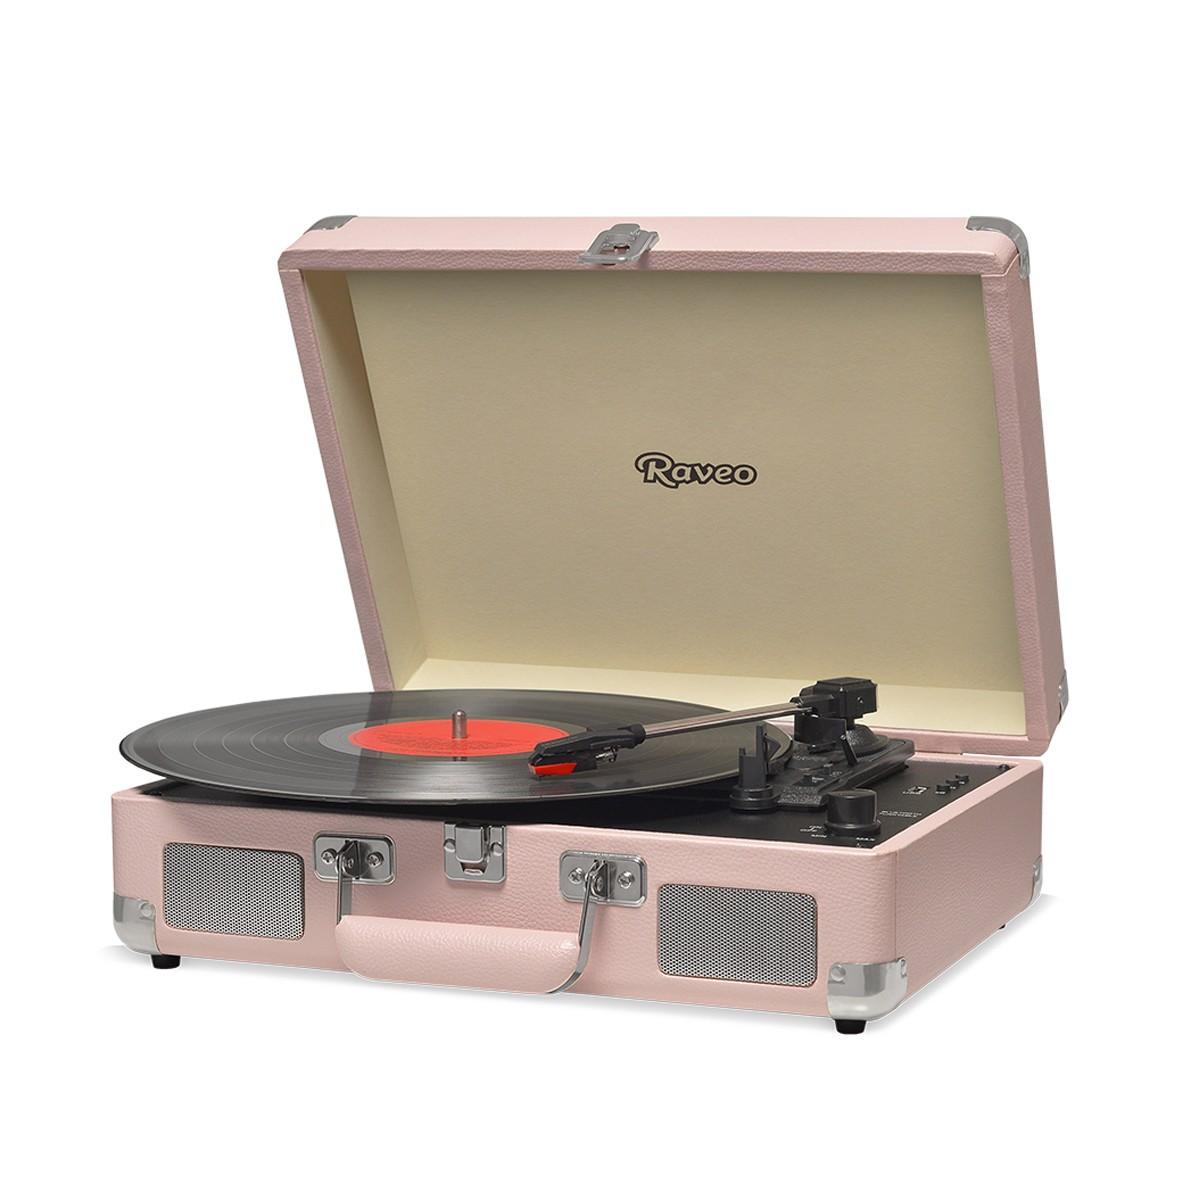 Vitrola Retrô Raveo Sonetto Chrome Coral, Toca Discos, Entrada USB, Bluetooth, Reproduz e Grava Vinil